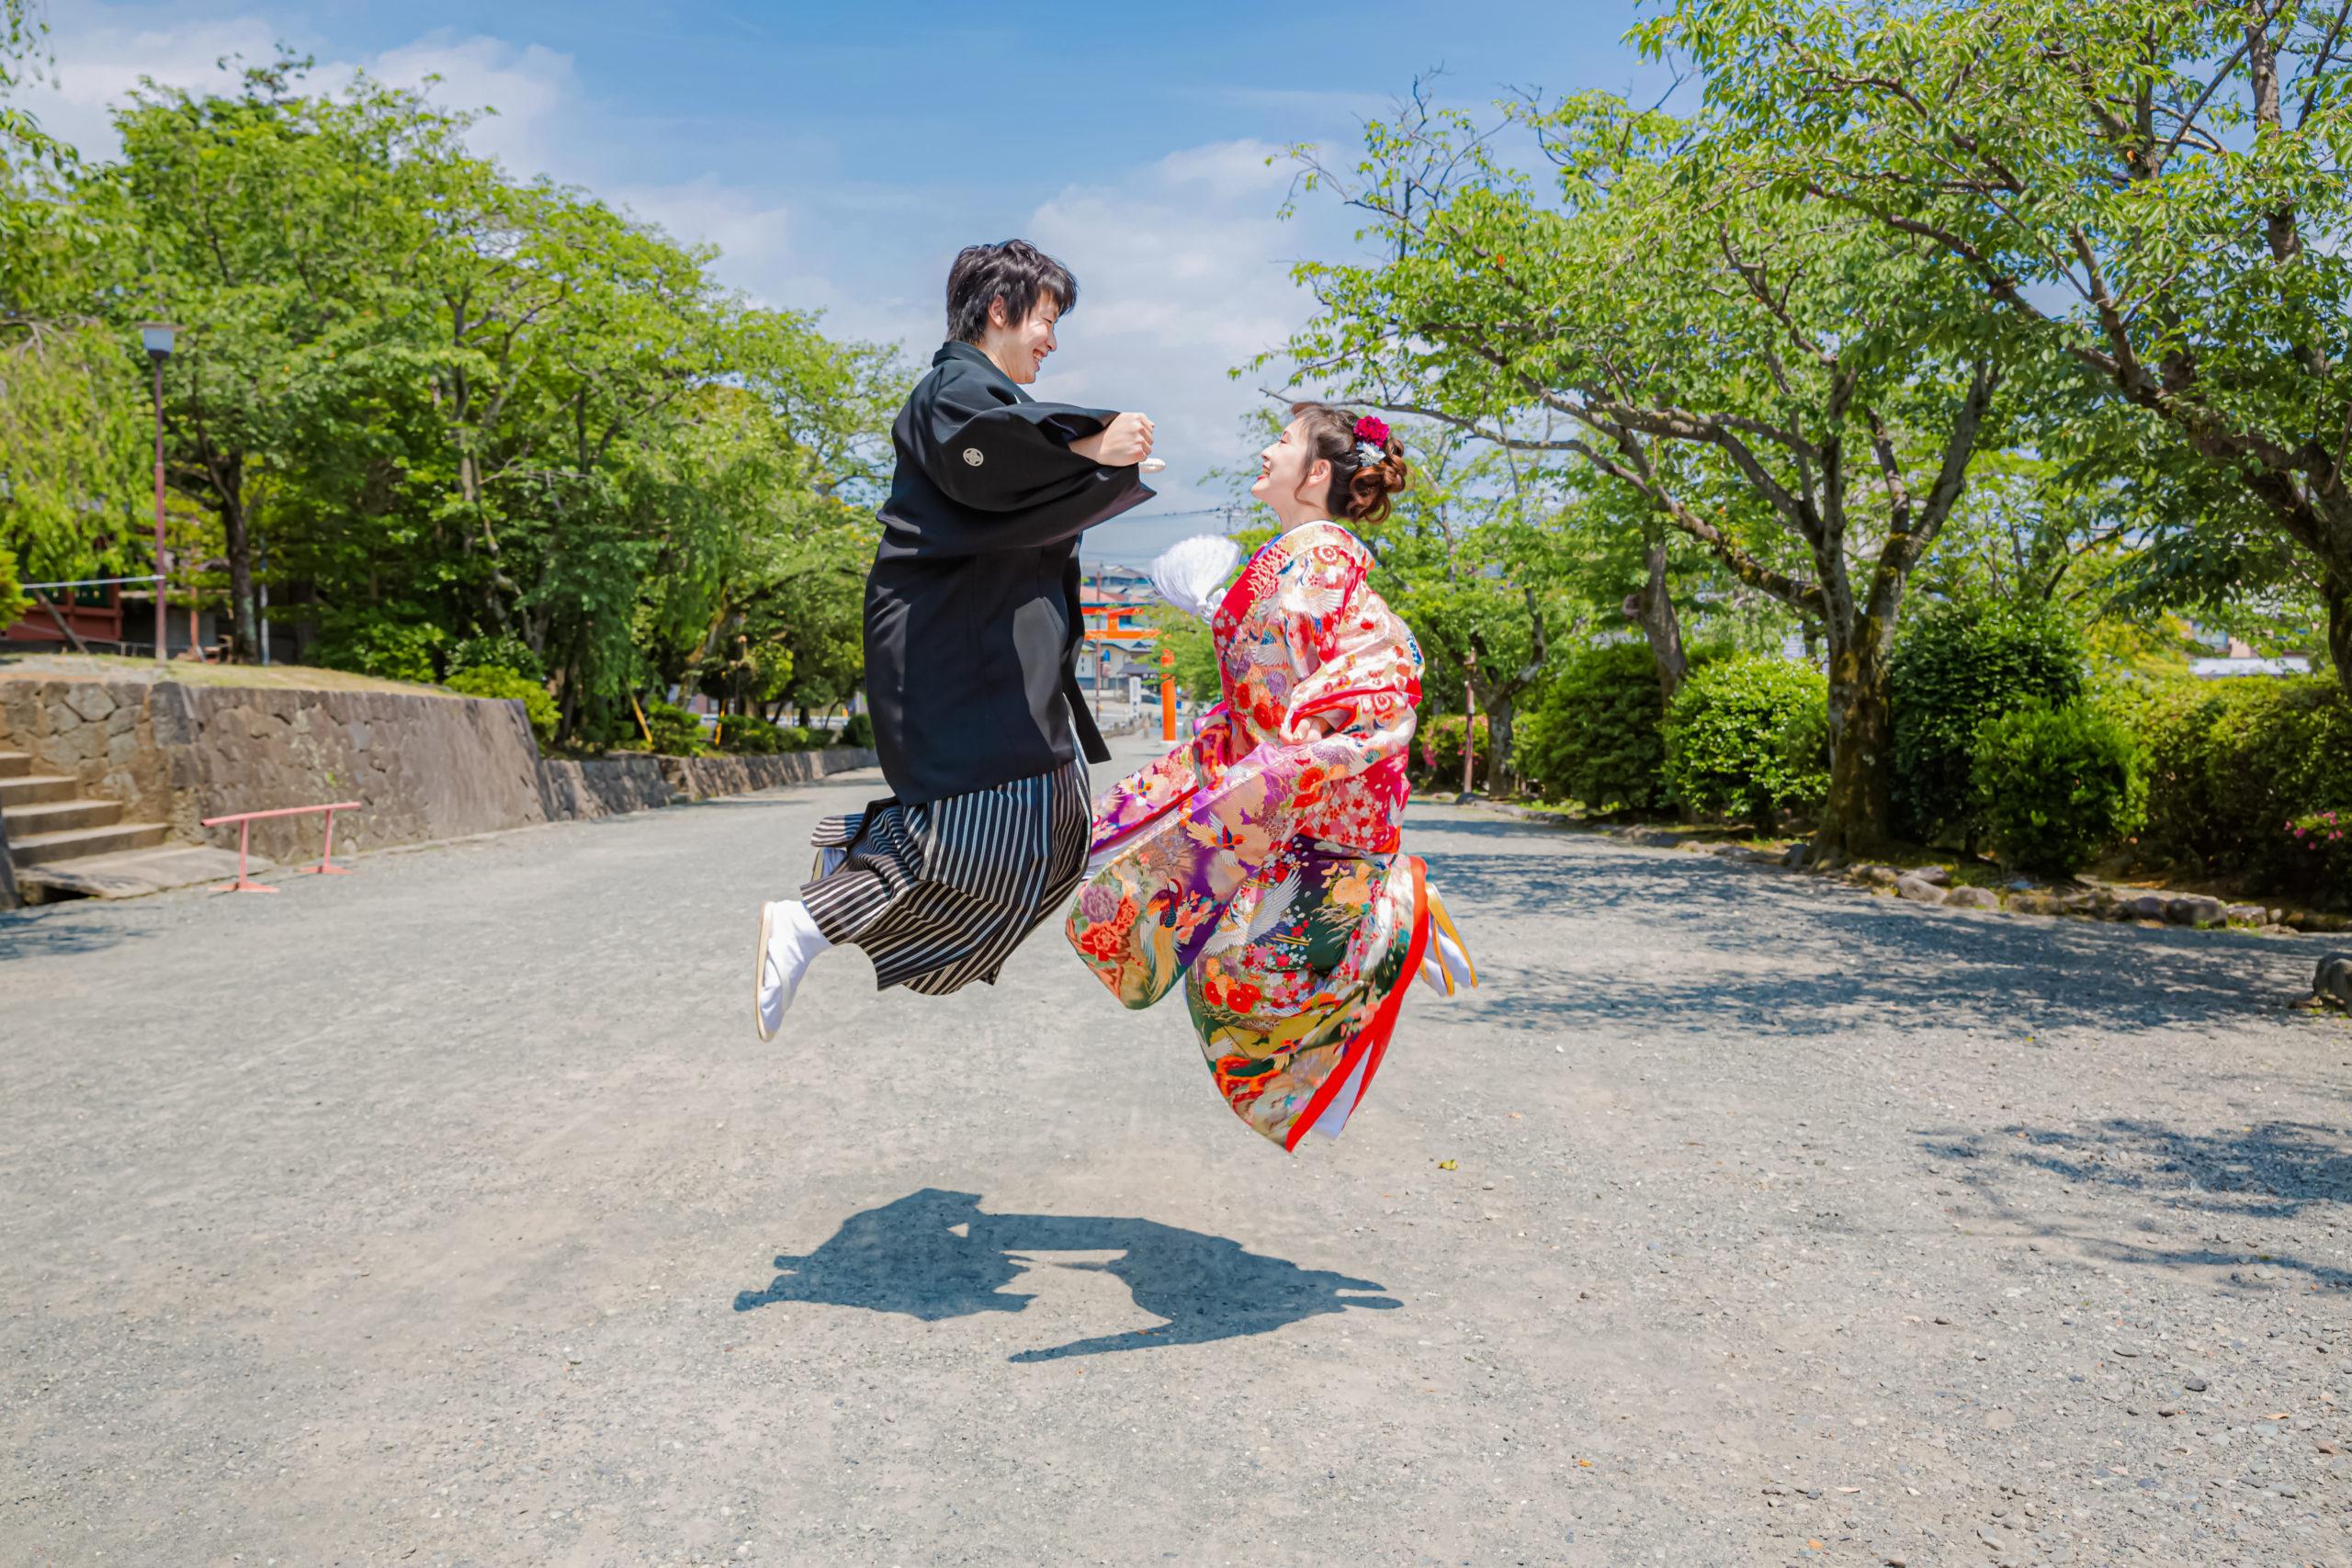 ジャンプして人生を一緒にね。